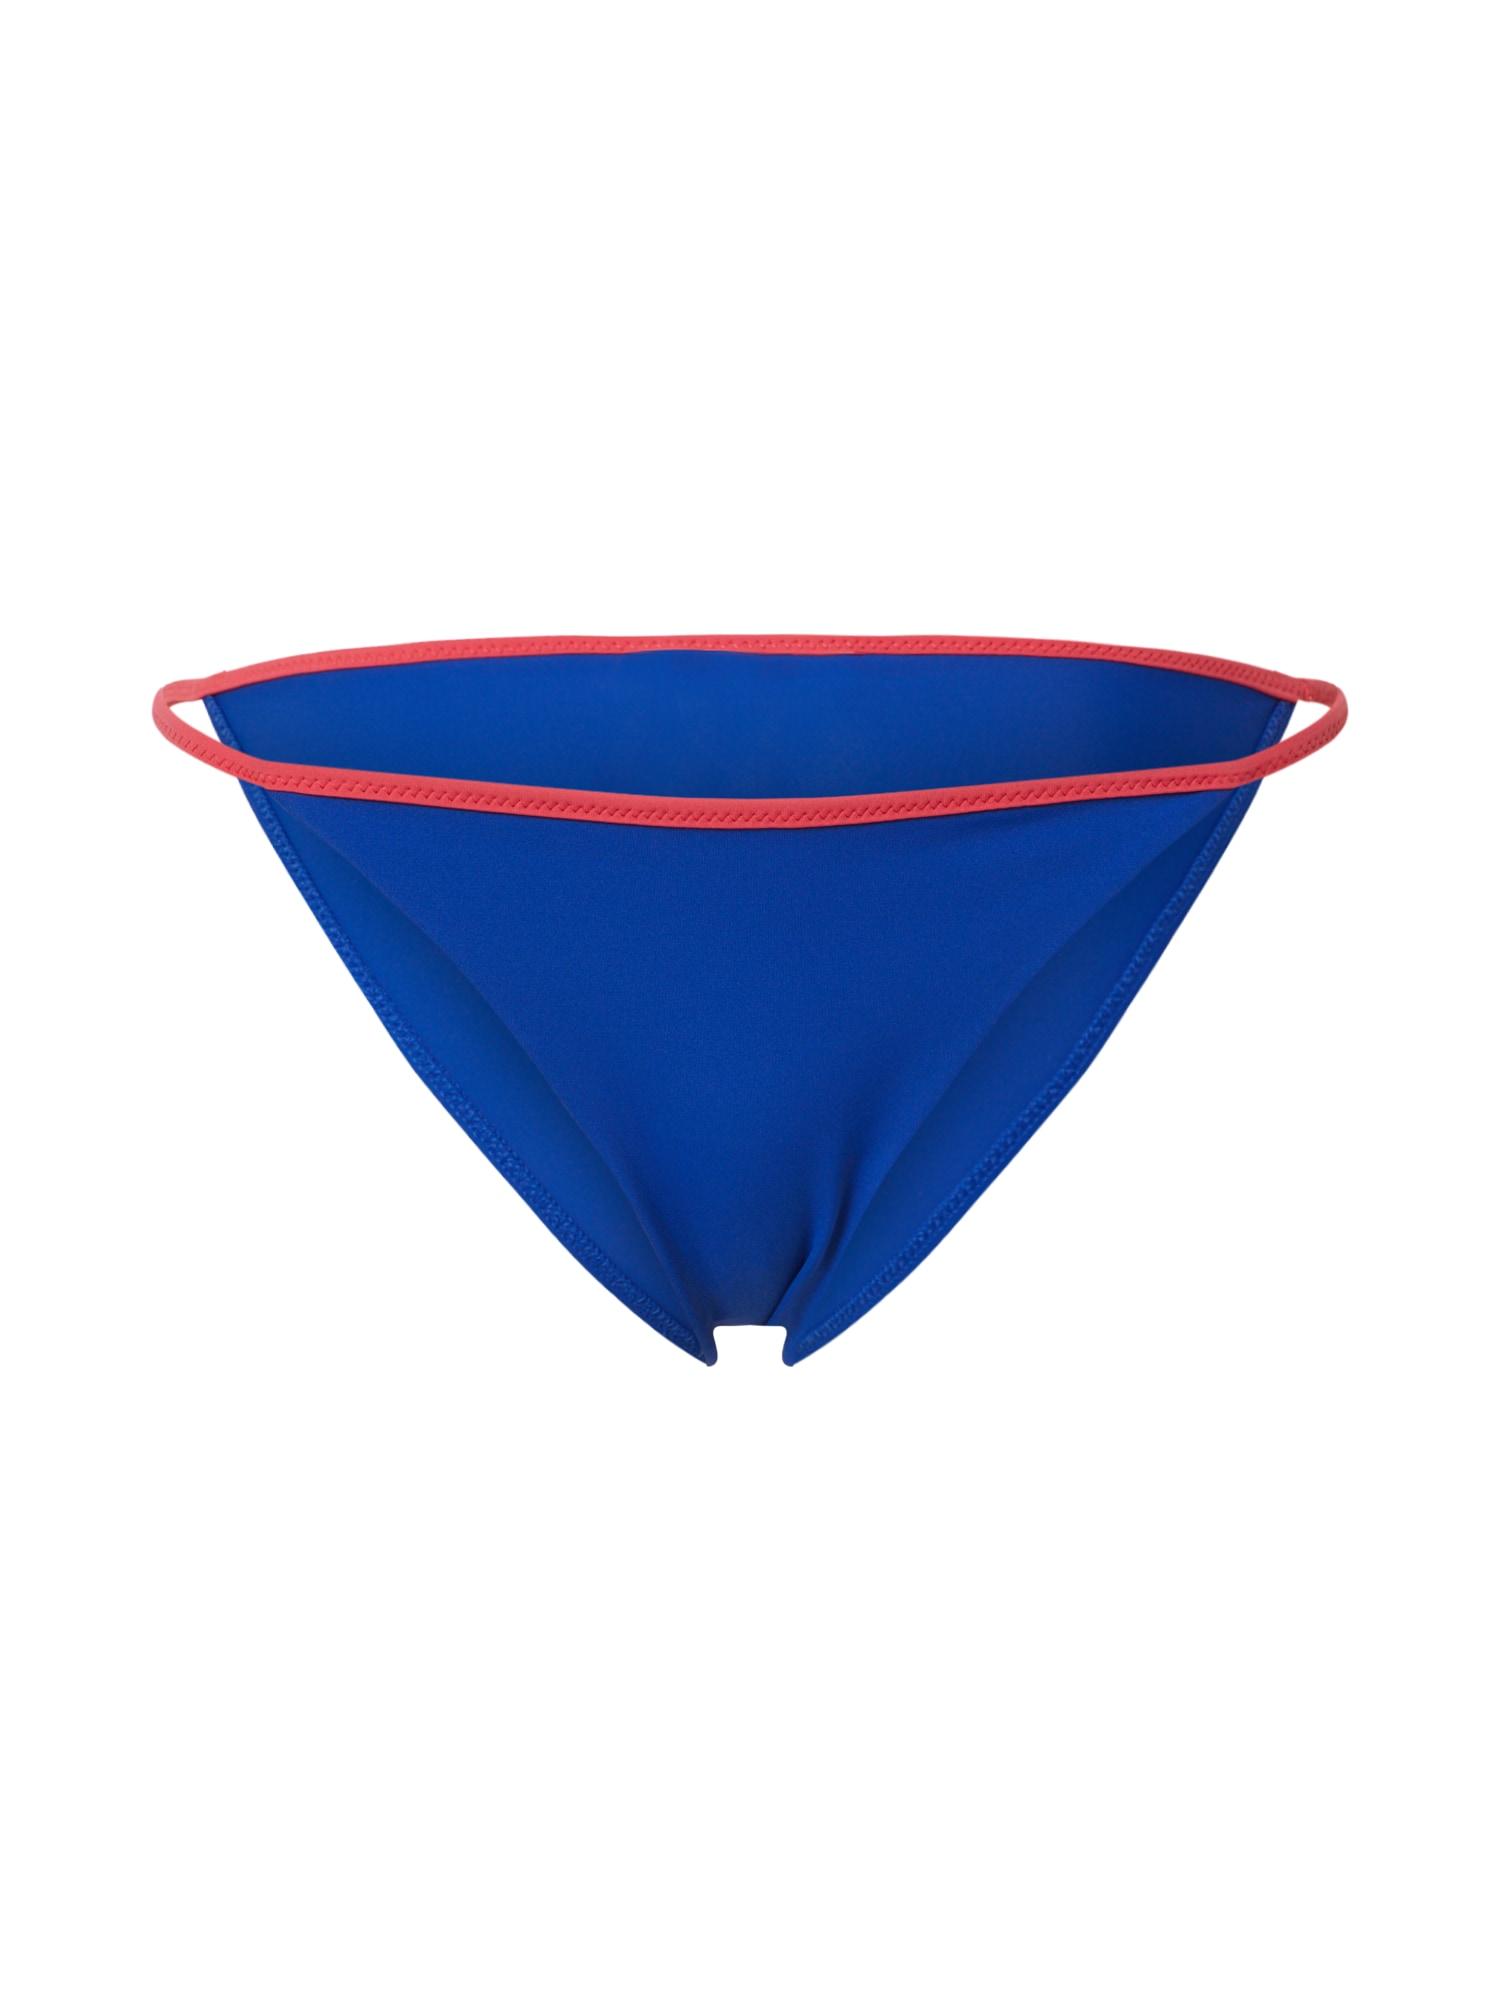 Tommy Hilfiger Underwear Bikinio kelnaitės mėlyna